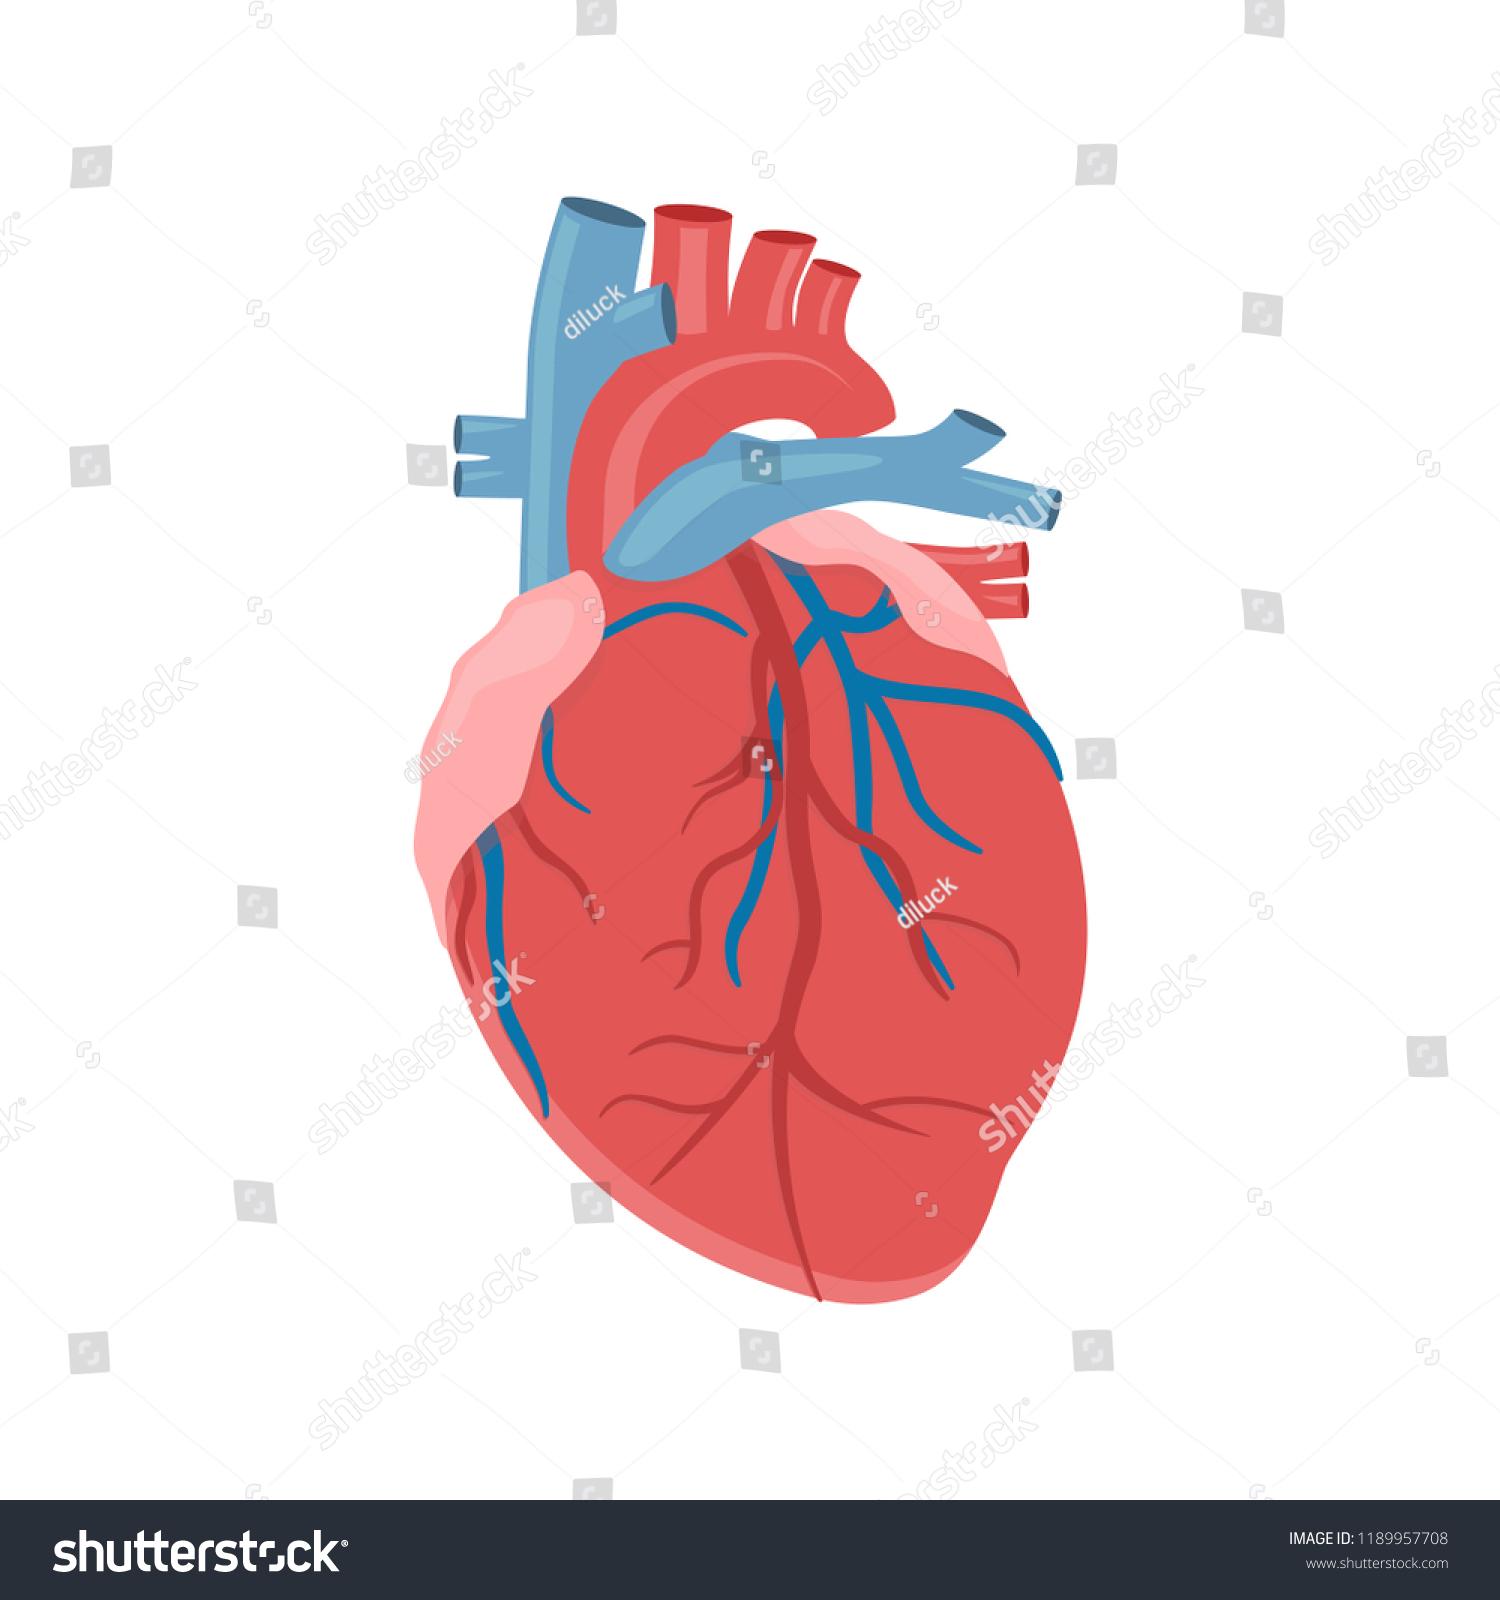 menschen innere organe